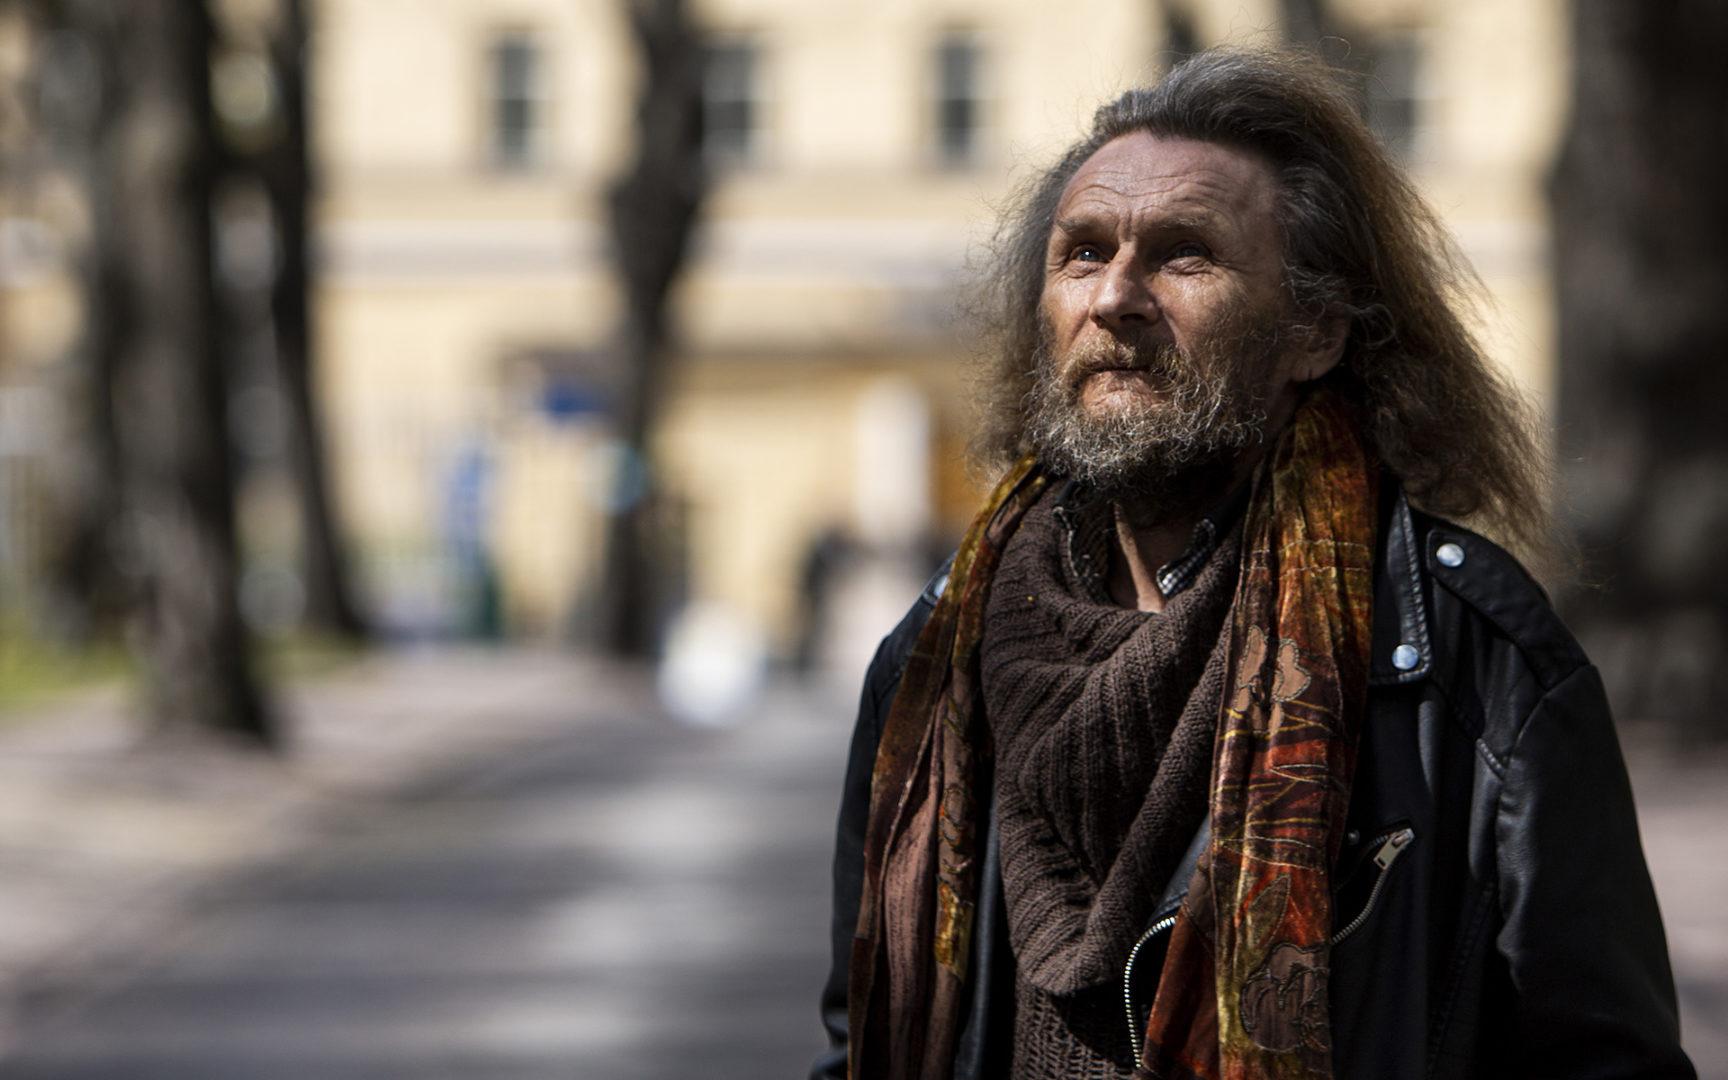 Lapinlahden vanhan sairaalan tiluksilla asuva Nisse Rikama iloitsee siitä, että hänen asuinalueensa pysyy ennallaan.